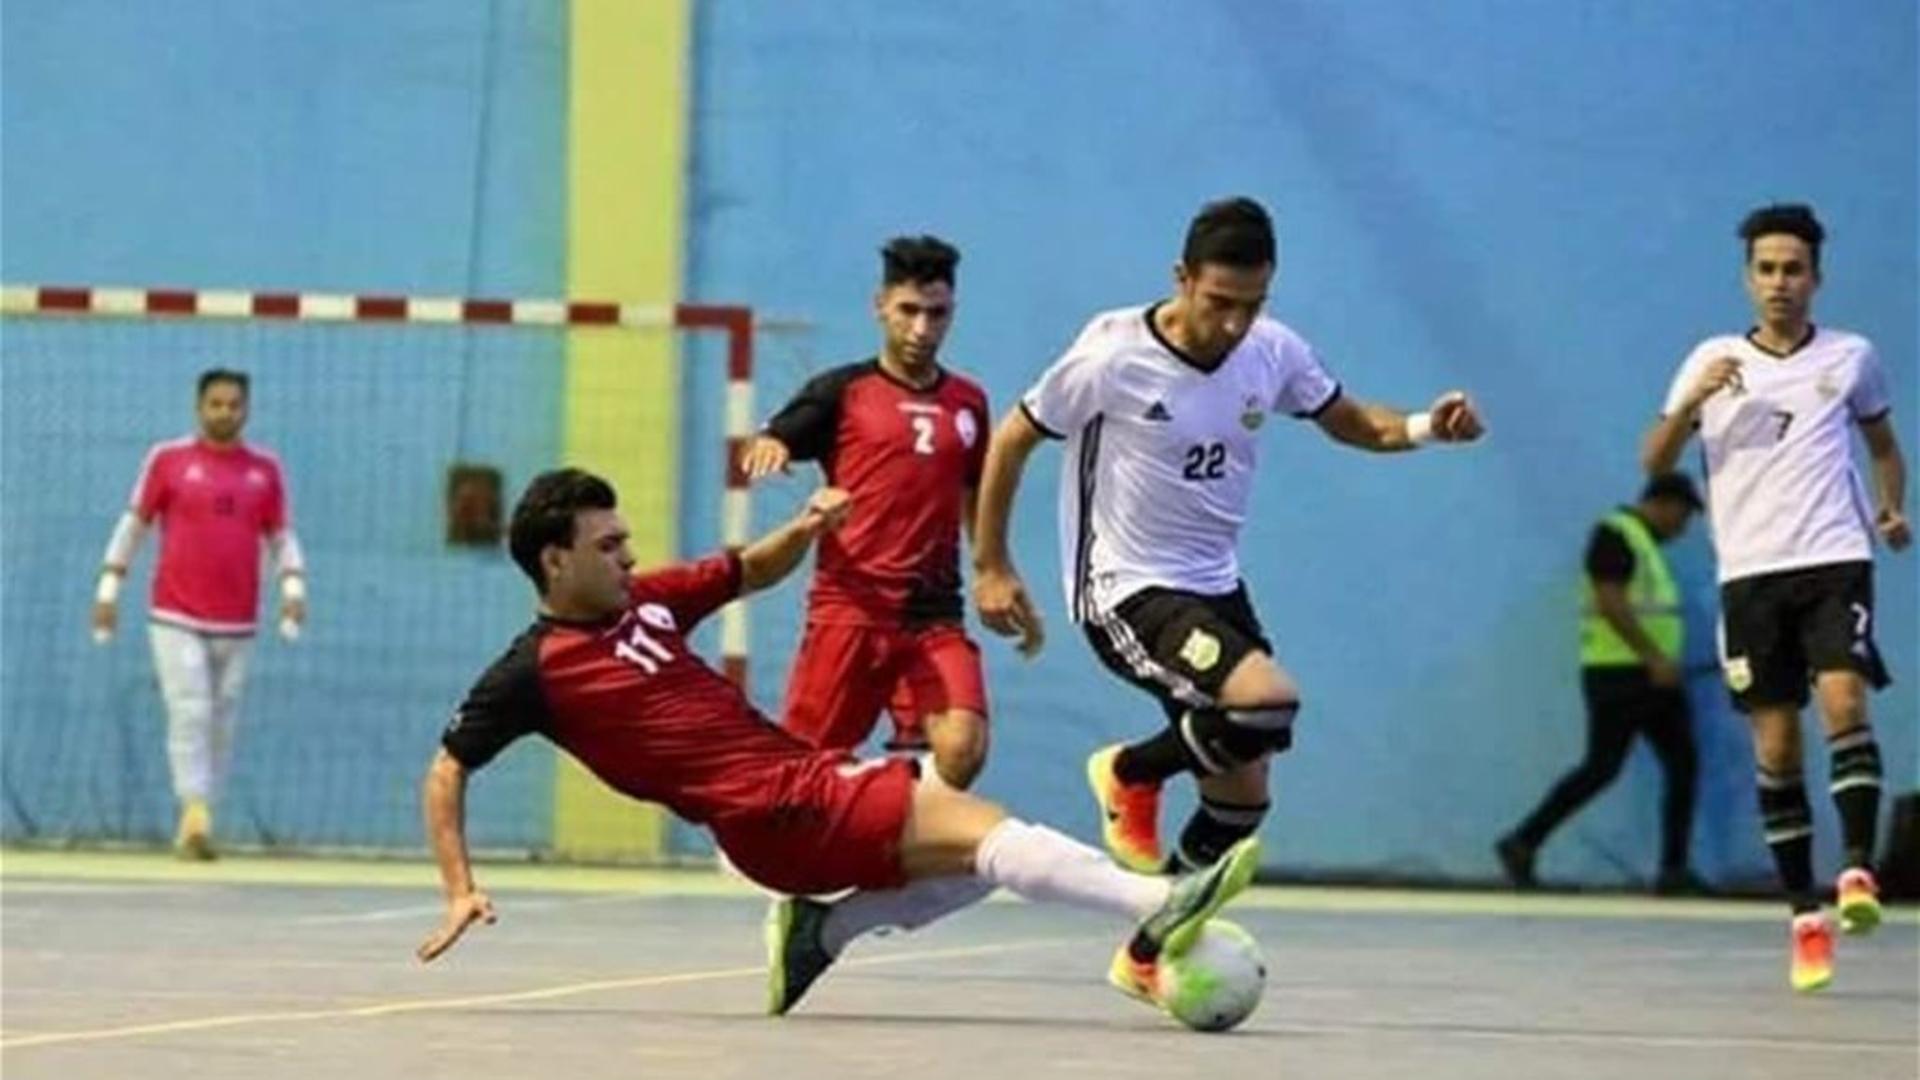 كربلاء تحتضن دوري كرة الصالات للشباب